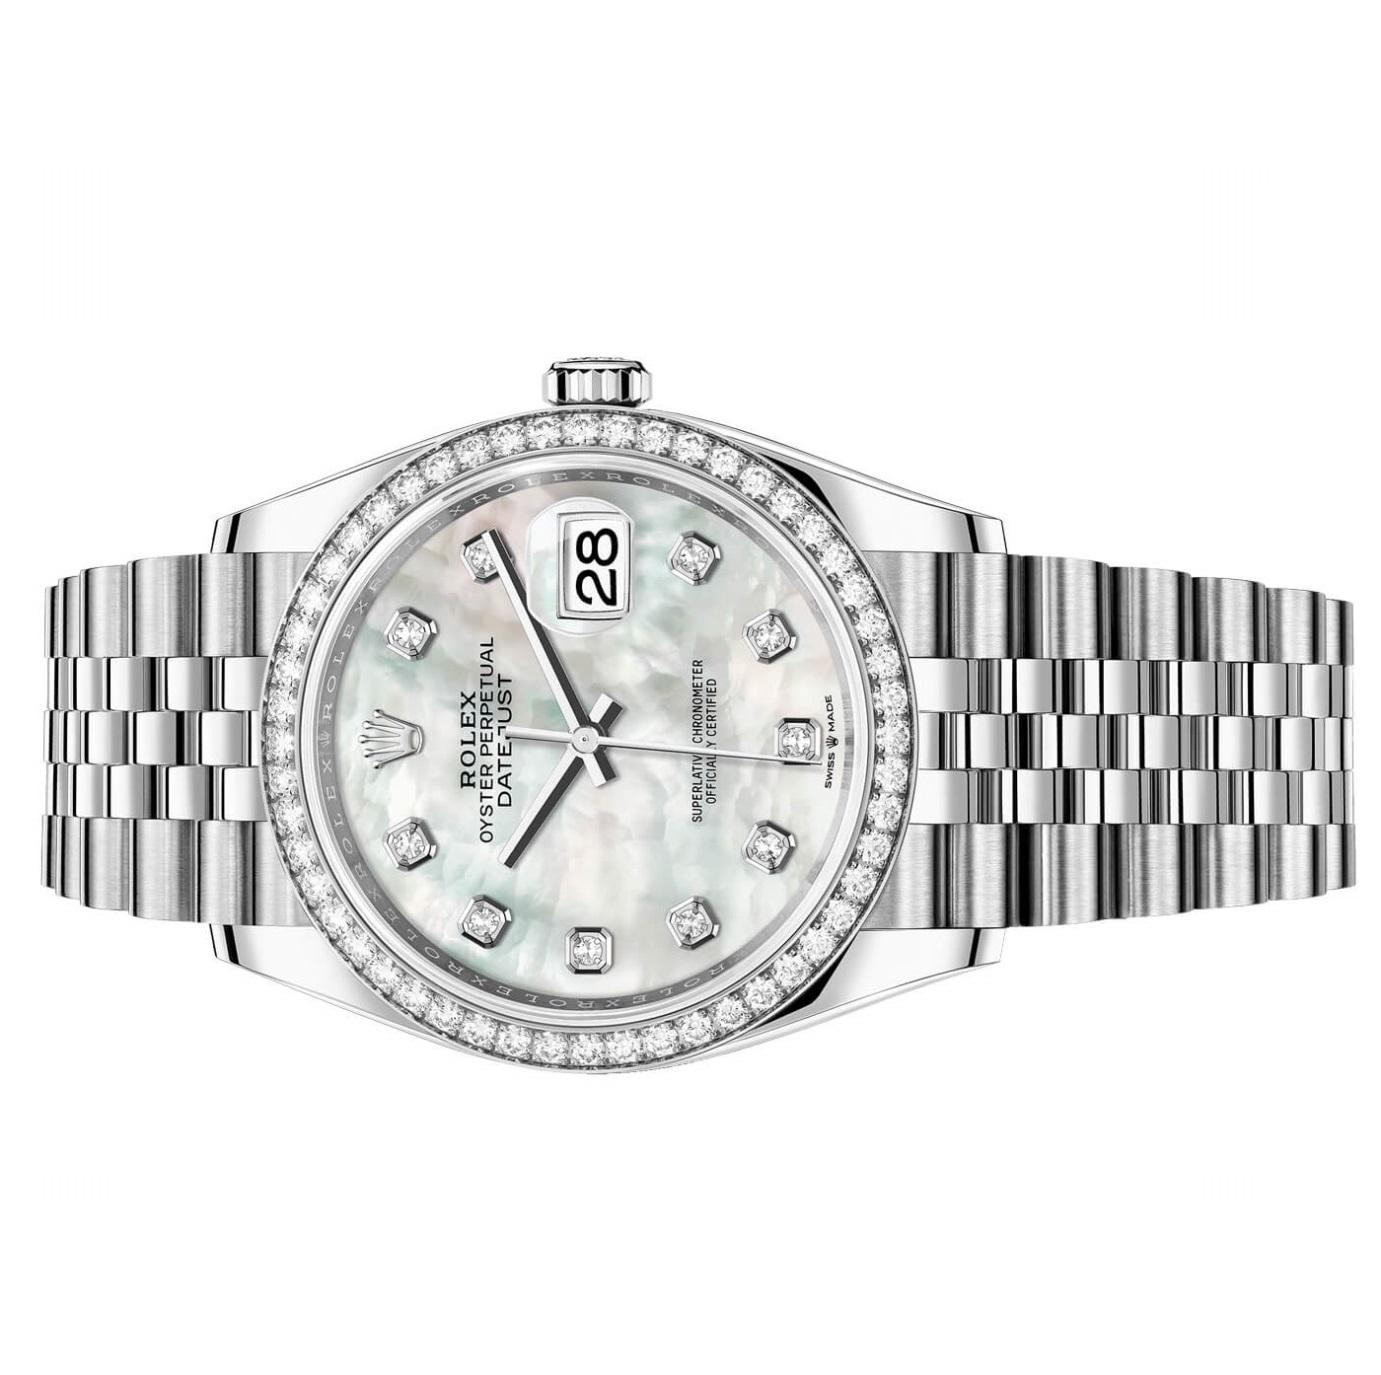 Đánh giá về các mẫu đồng hồ Rolex Datejust trên thị trường